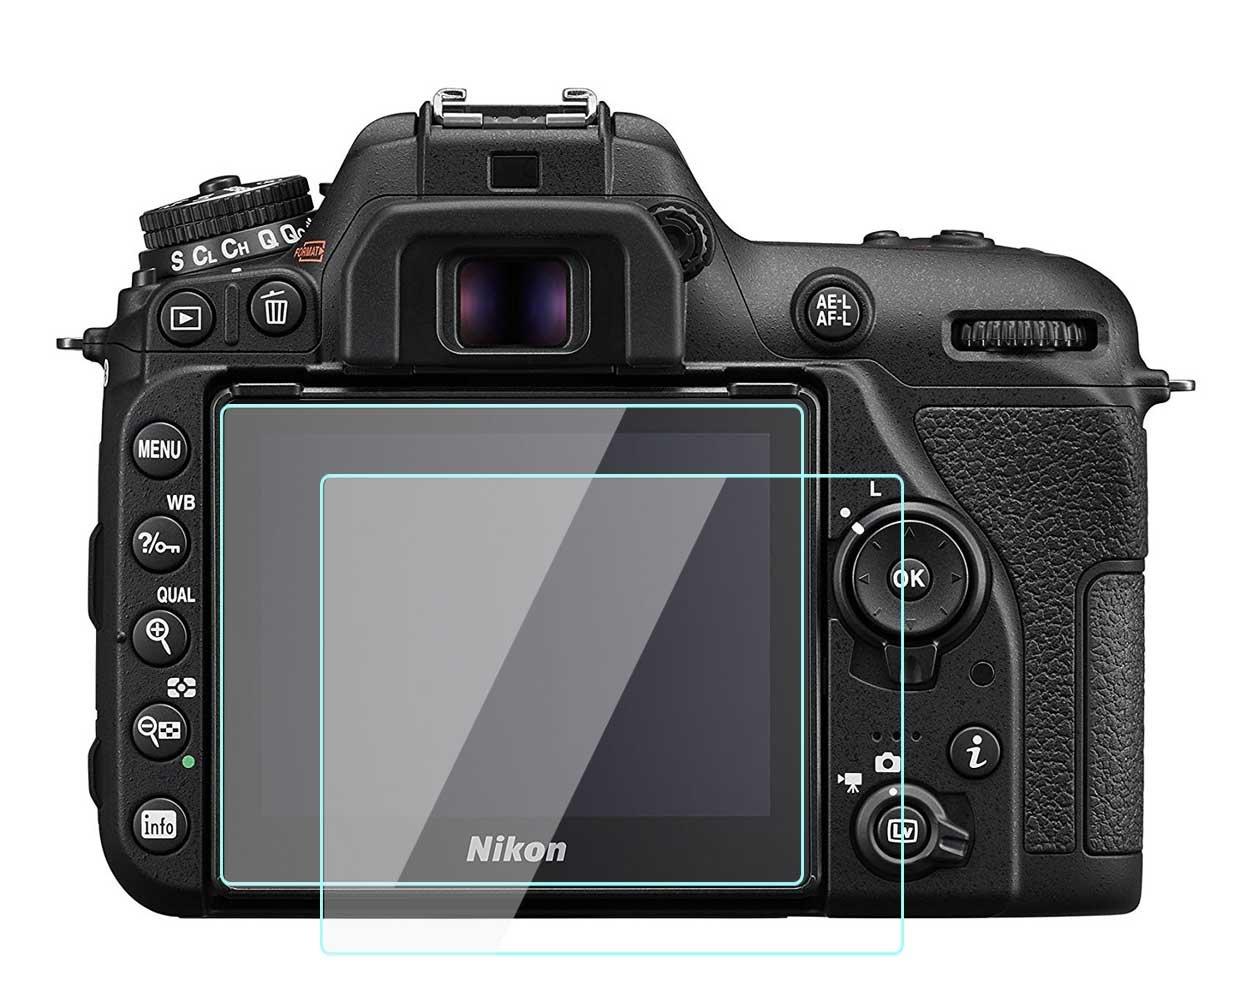 Protector de pantalla táctil para Nikon D7500, 0,33 mm de grosor, dureza 9H, 2 unidades, de cristal templado: Amazon.es: Electrónica